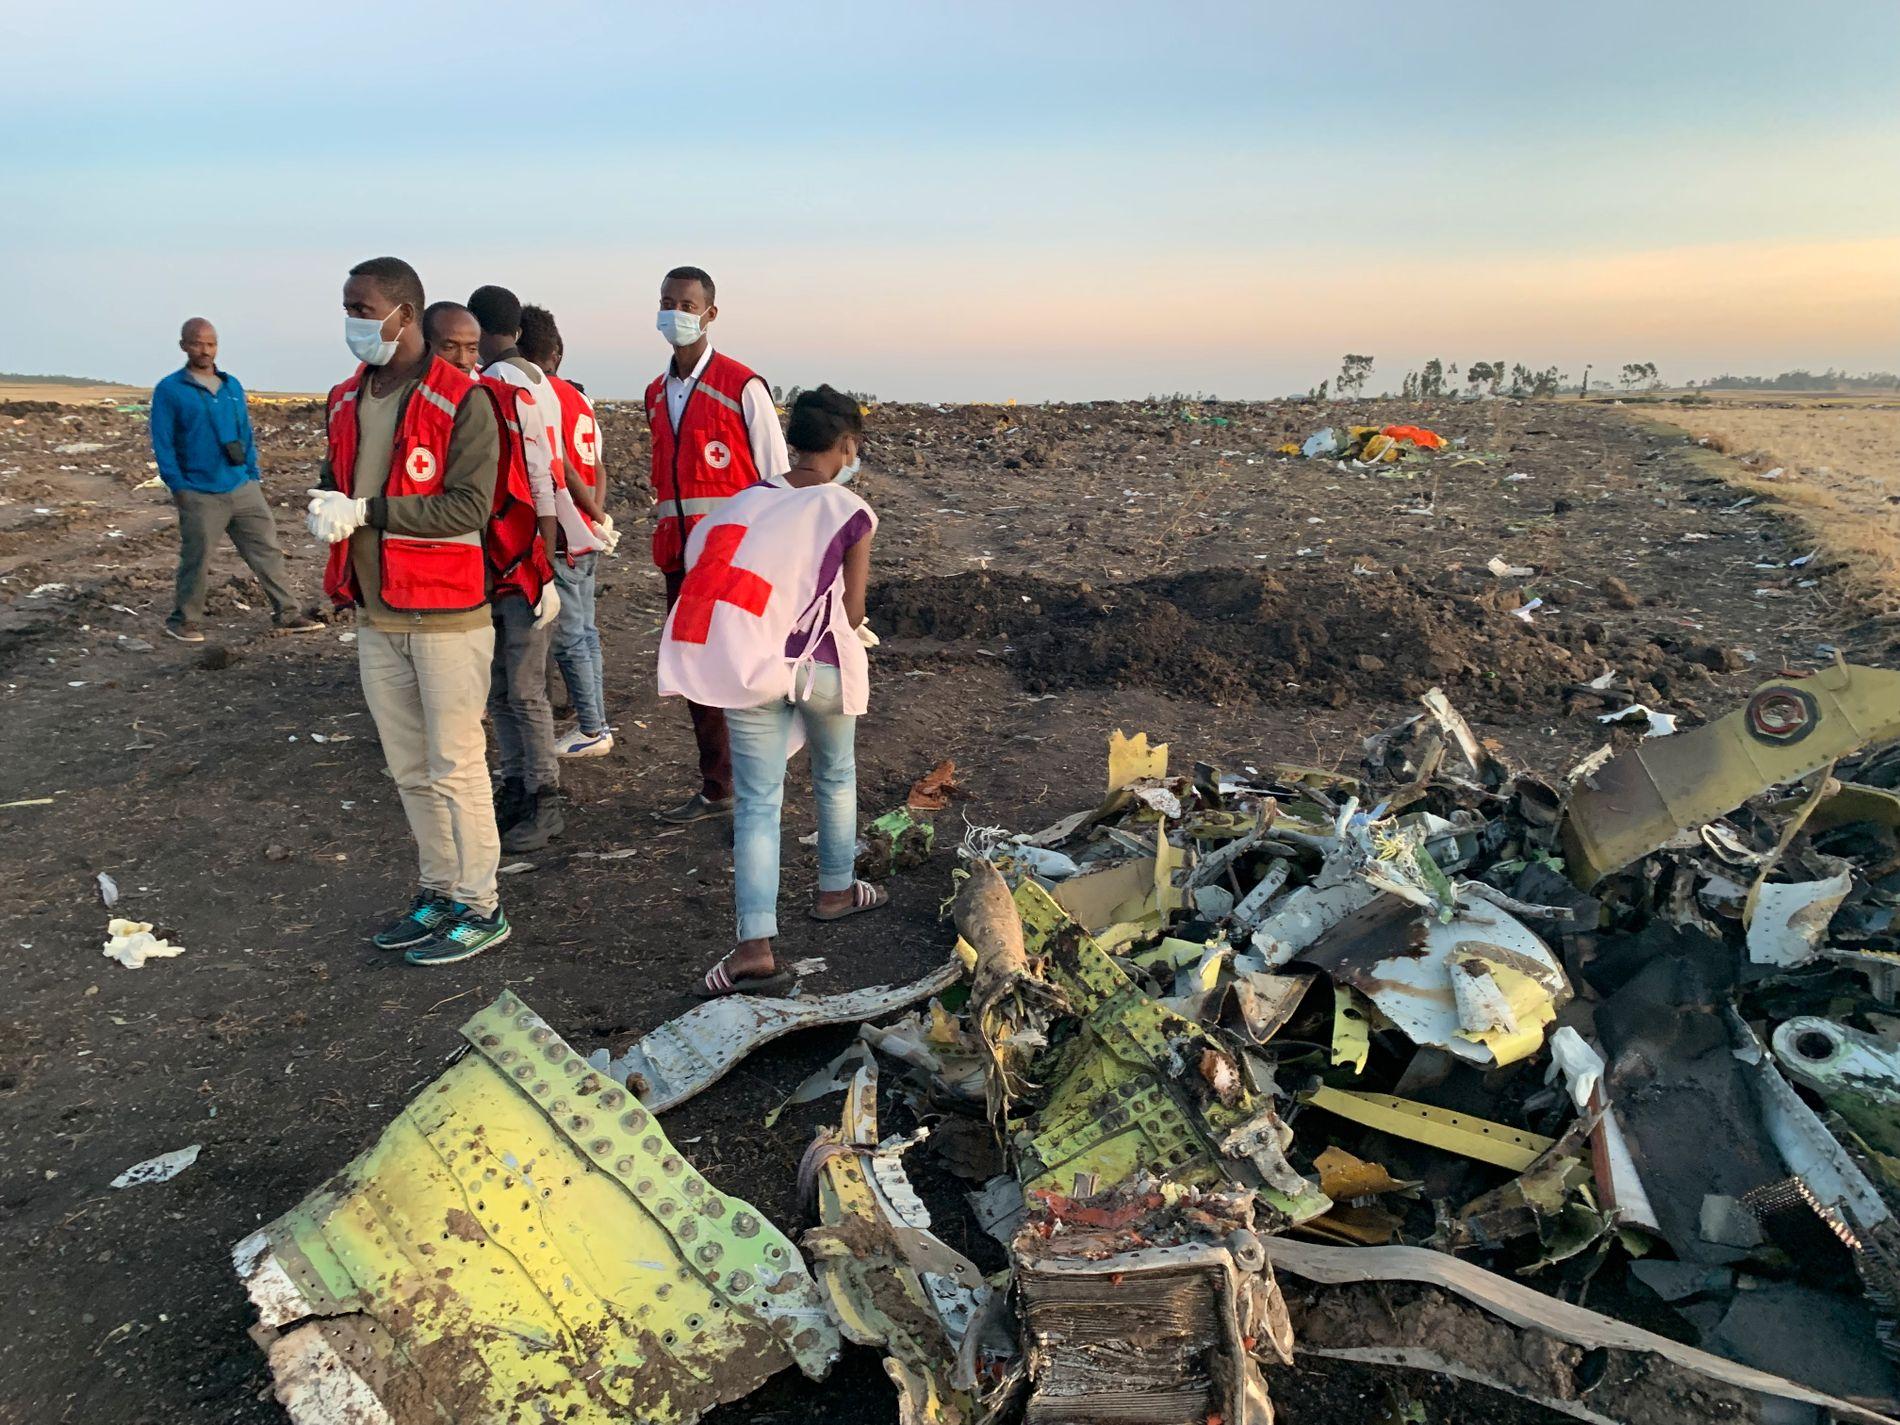 PÅ PLASS: Hjelpemannskaper er på plass på ulykkesstedet etter flystyrten.